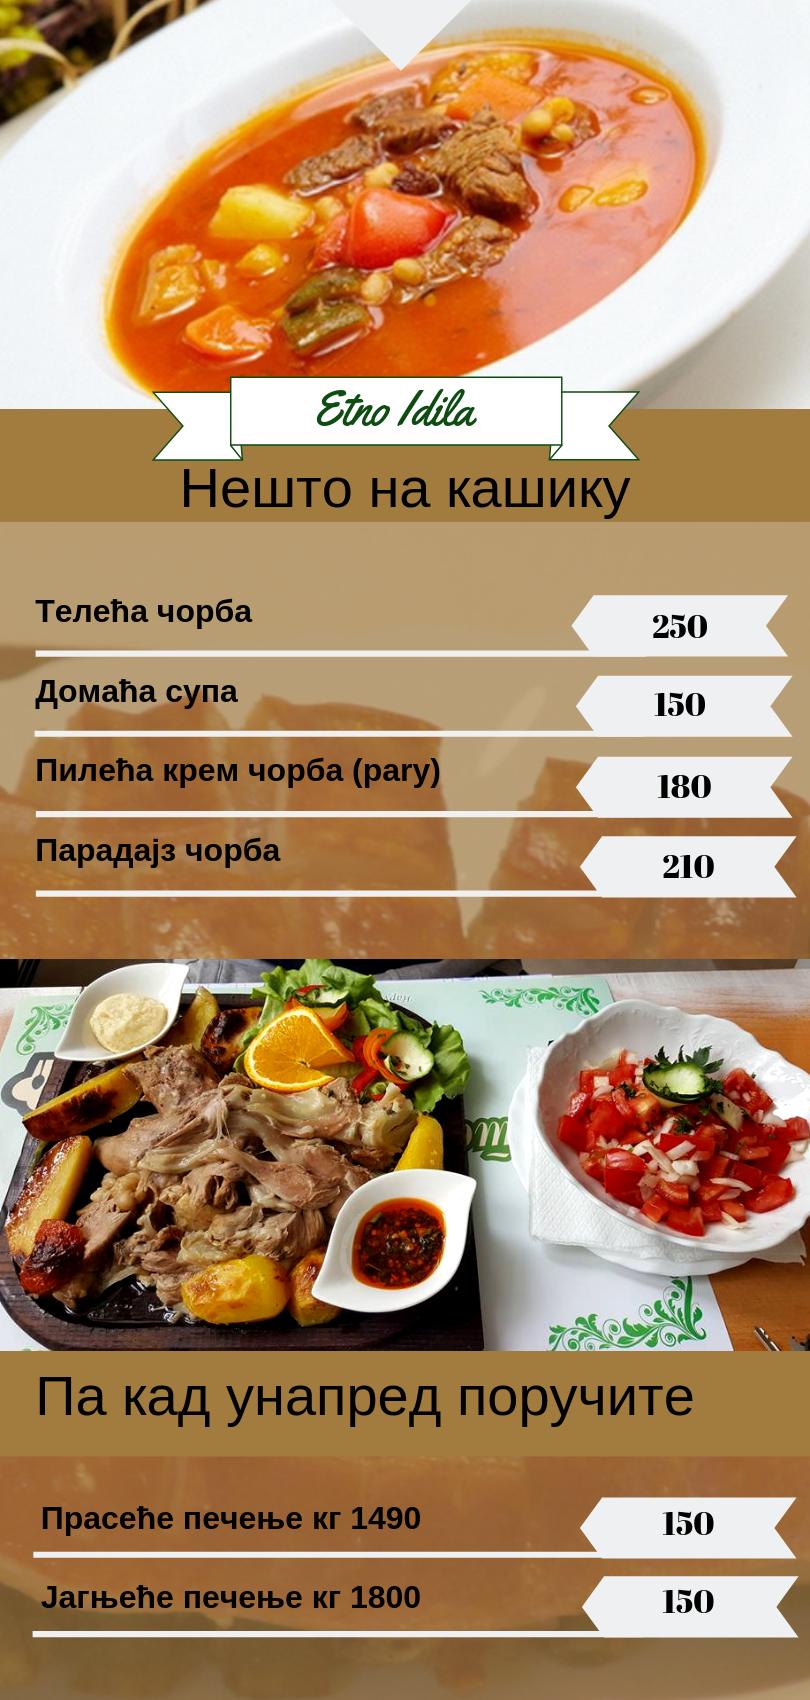 etno idila hrana(6)